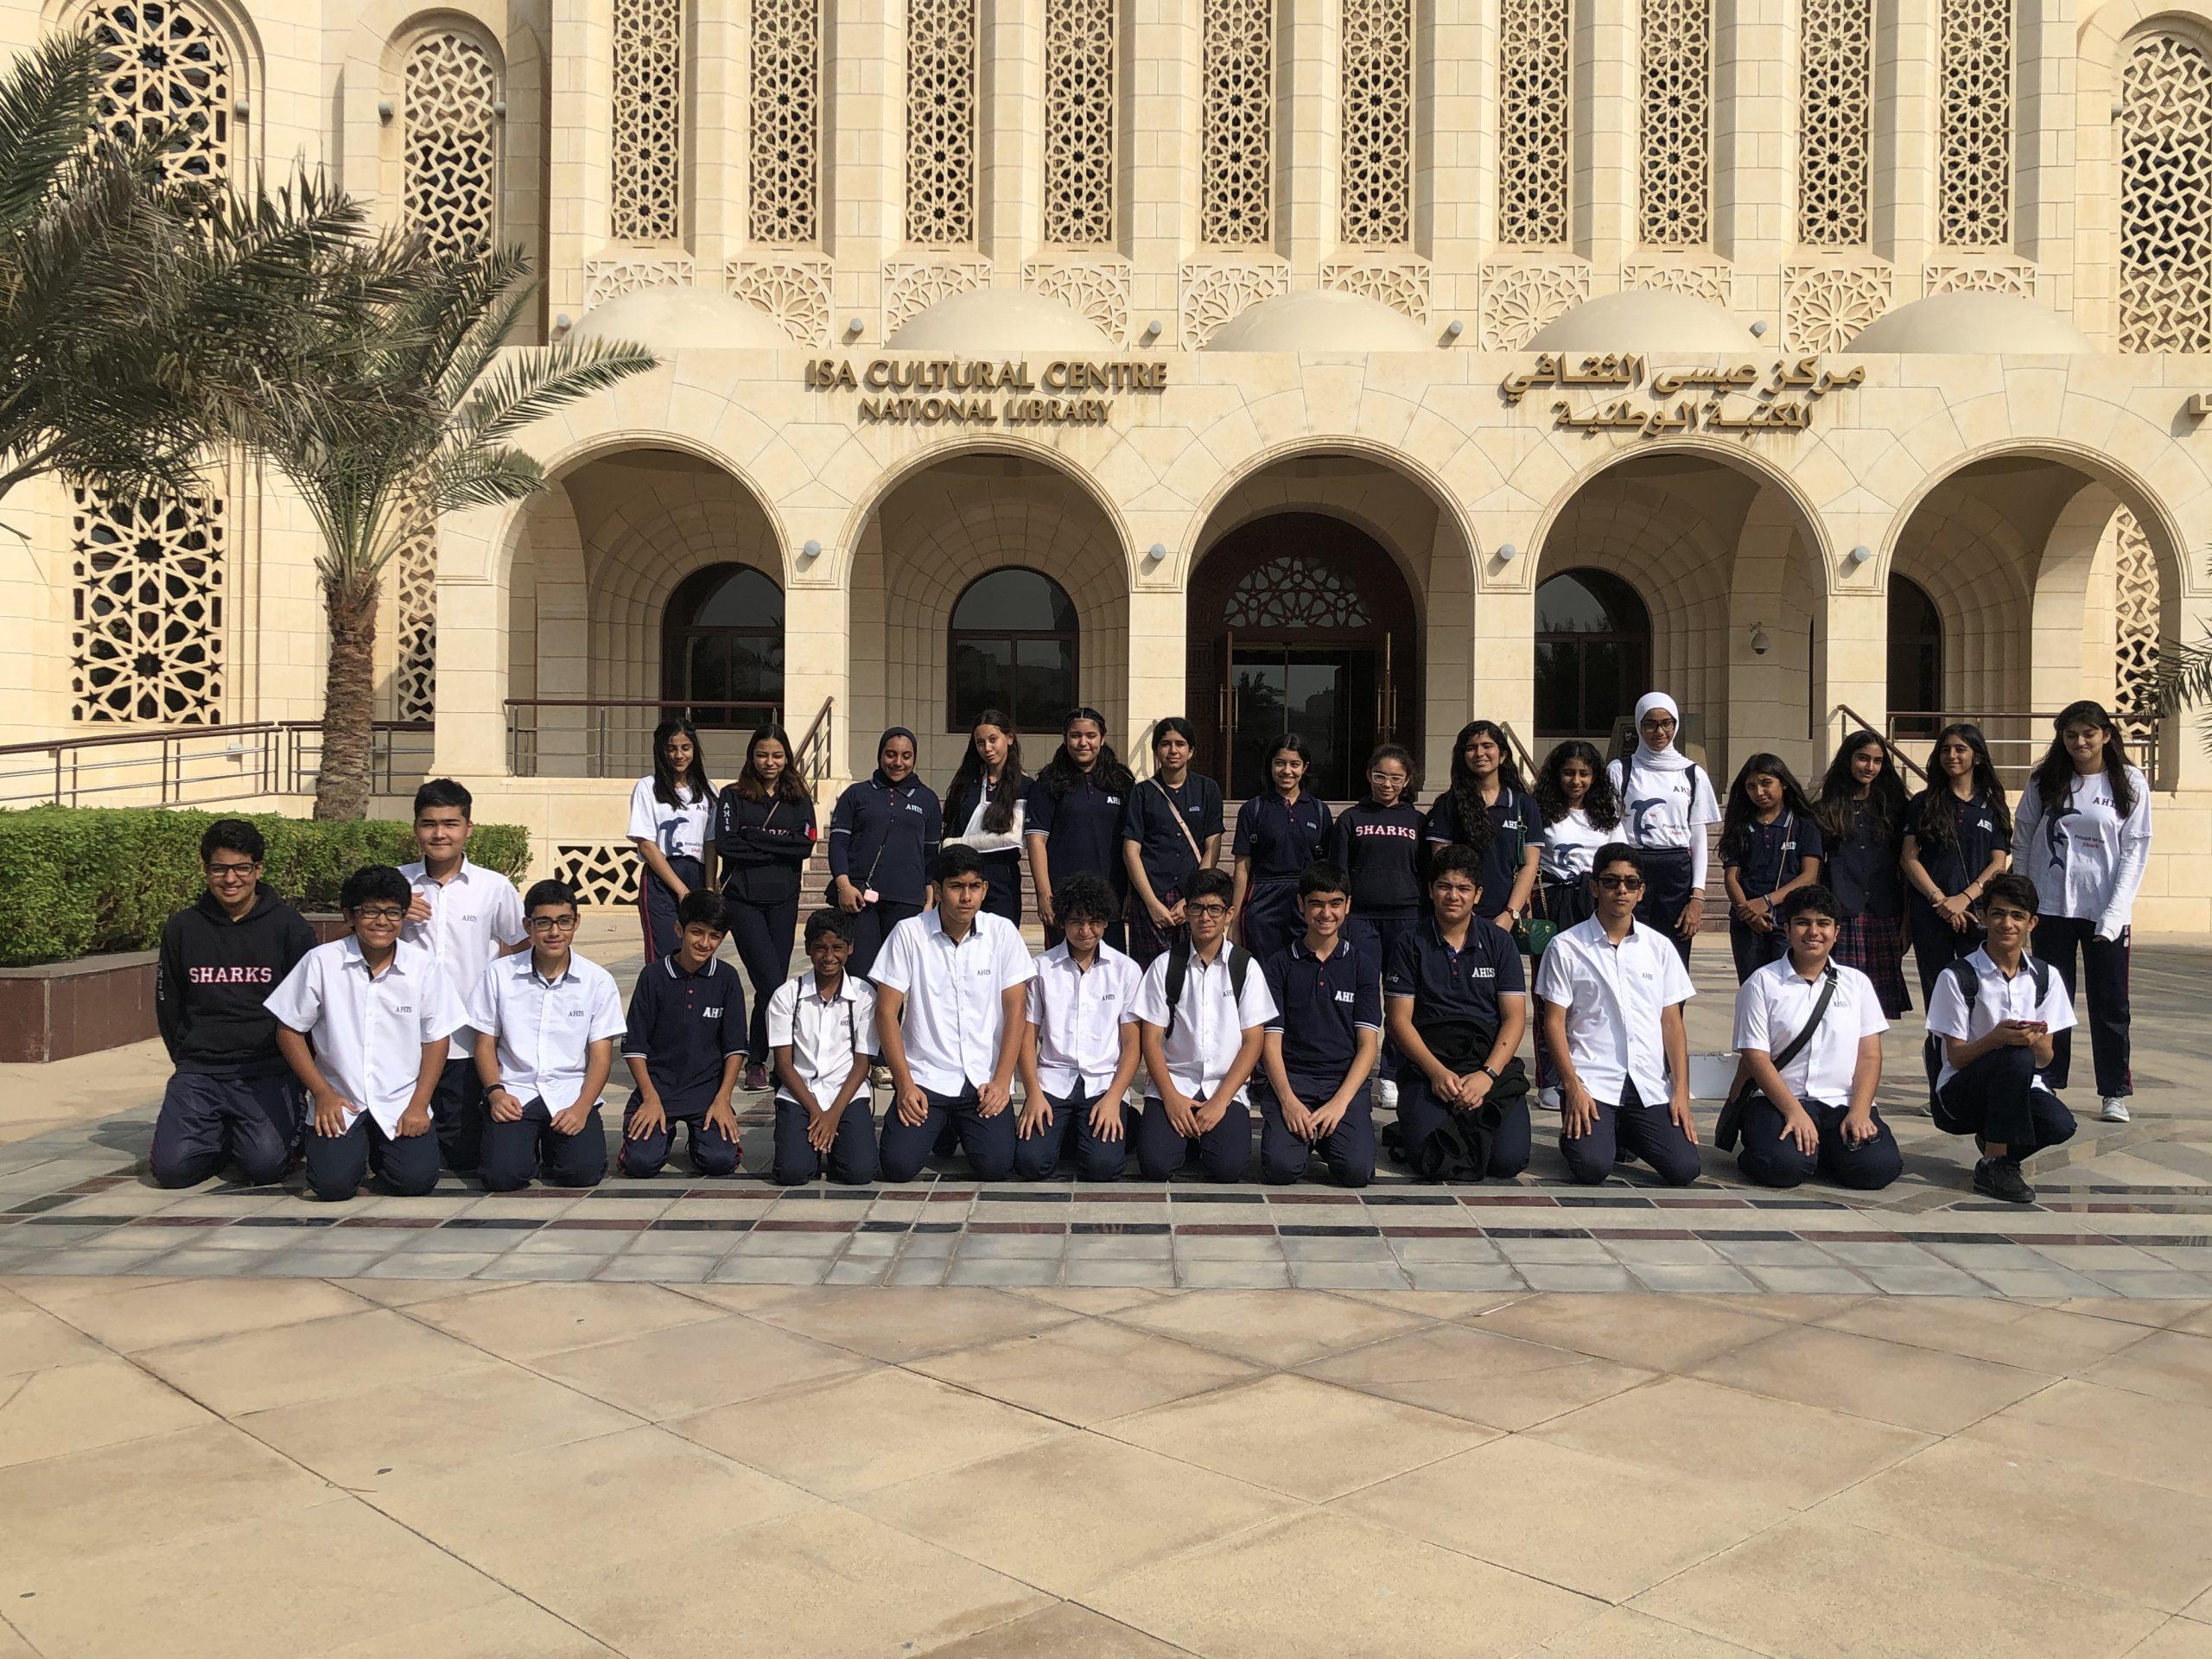 Bahrain National Library Trip 2019 – 2020